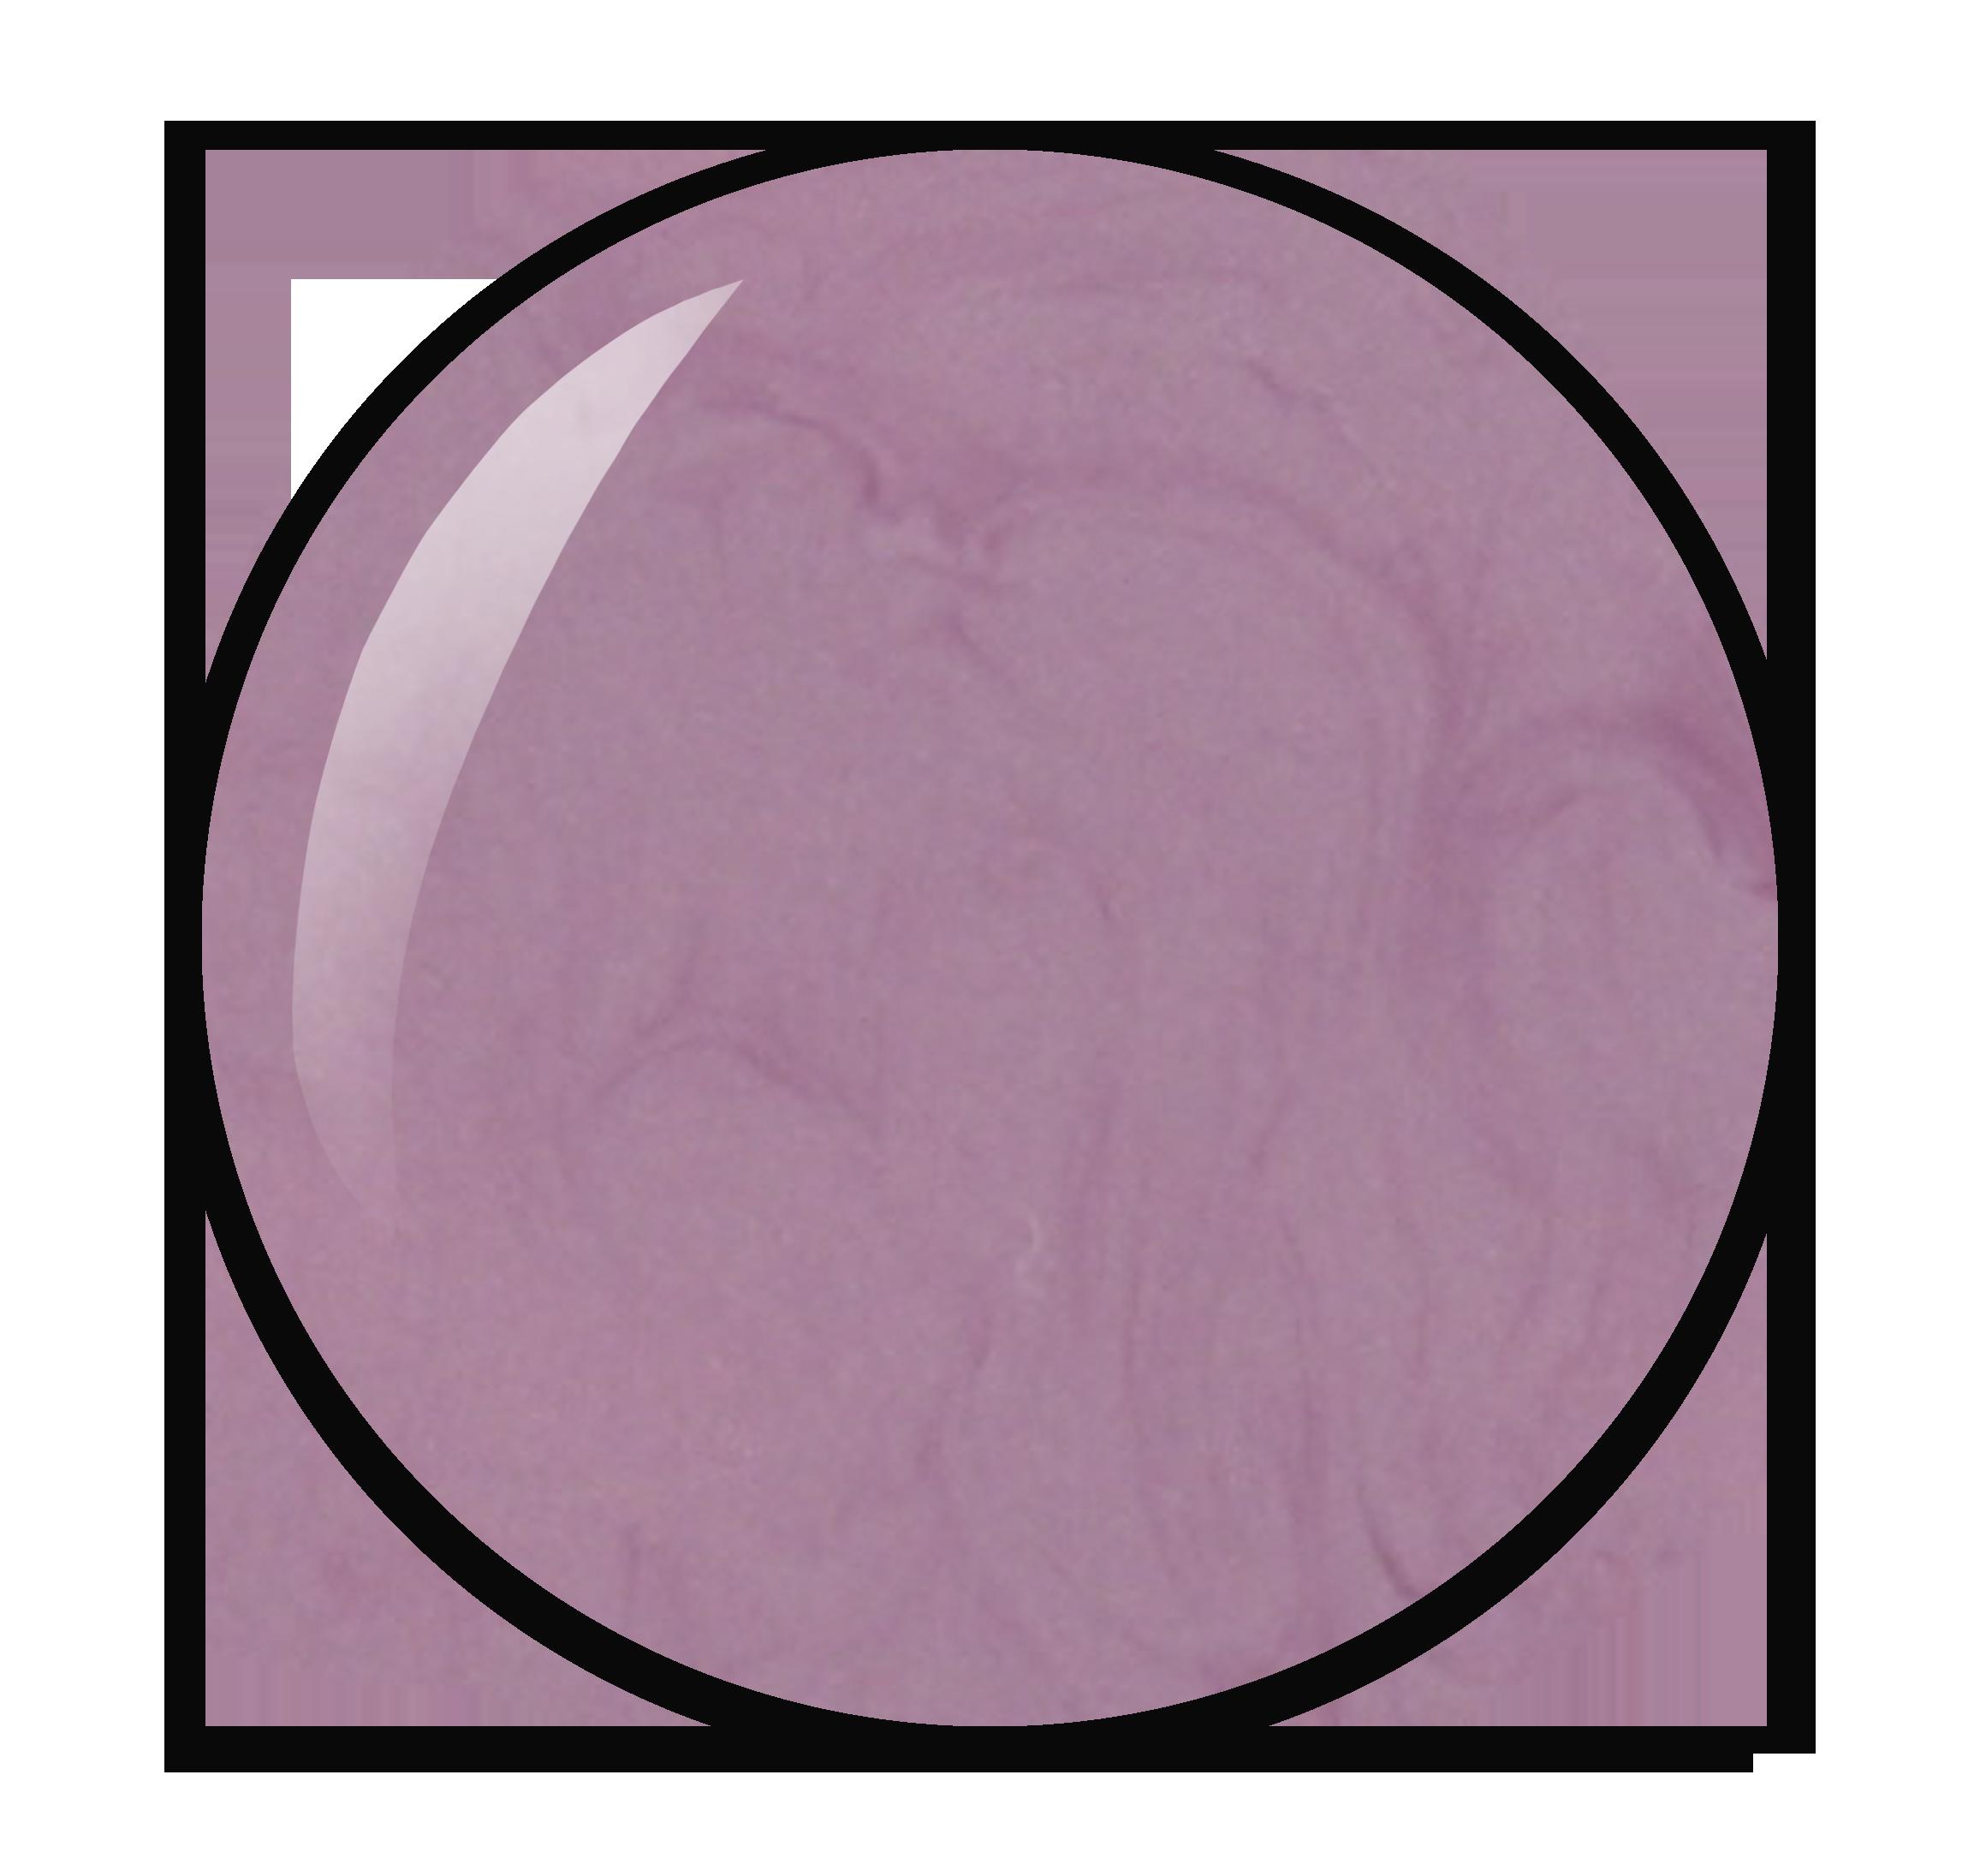 Violet paarse nagellak nummer 131 uit de Herôme nagellak collectie